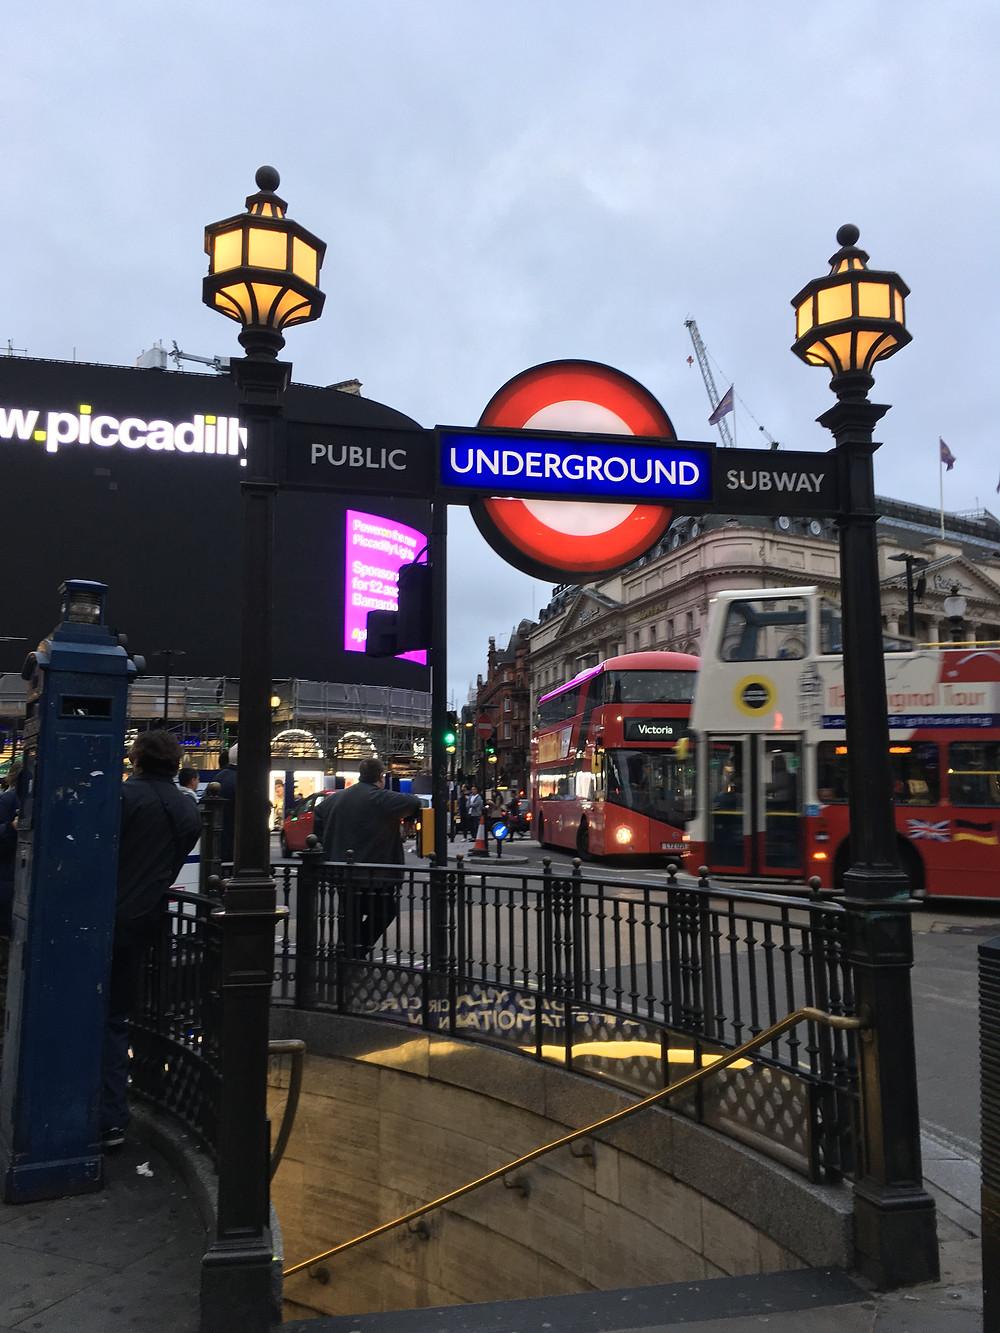 Dia a dia em Londres de underground